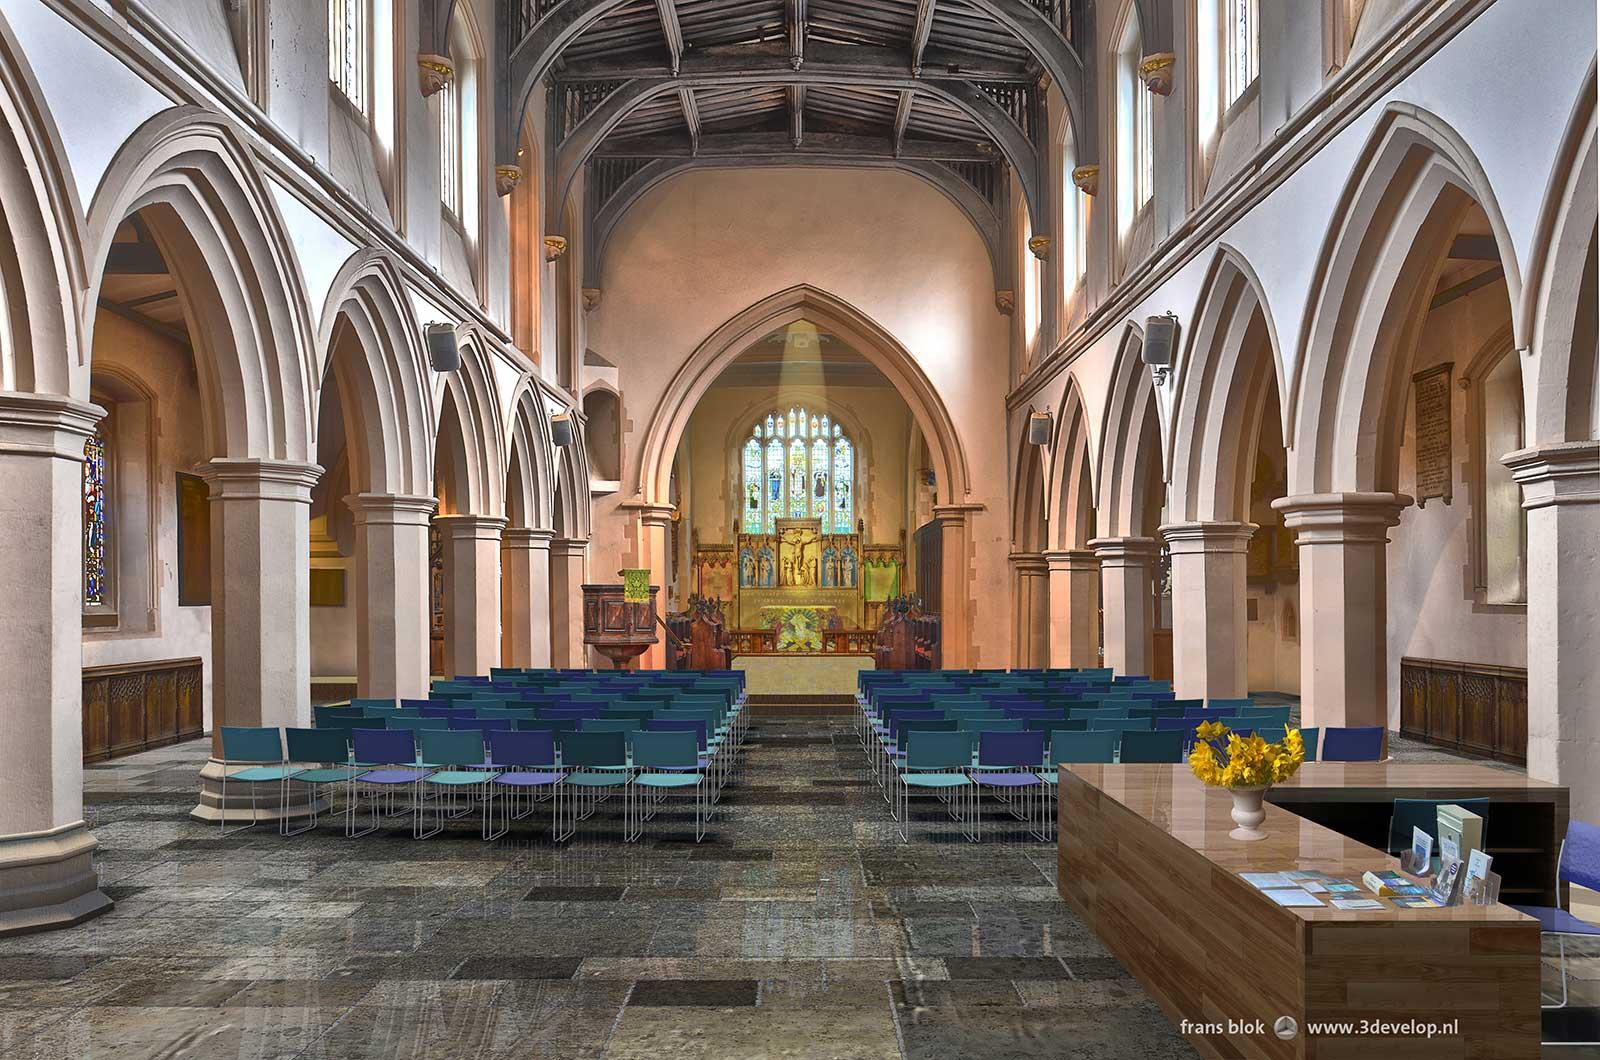 Artist impression van het interieur van Watford St.Mary's church na renovatie, gezien vanaf de westelijke ingang in de richting van de kerkzaal en het koor